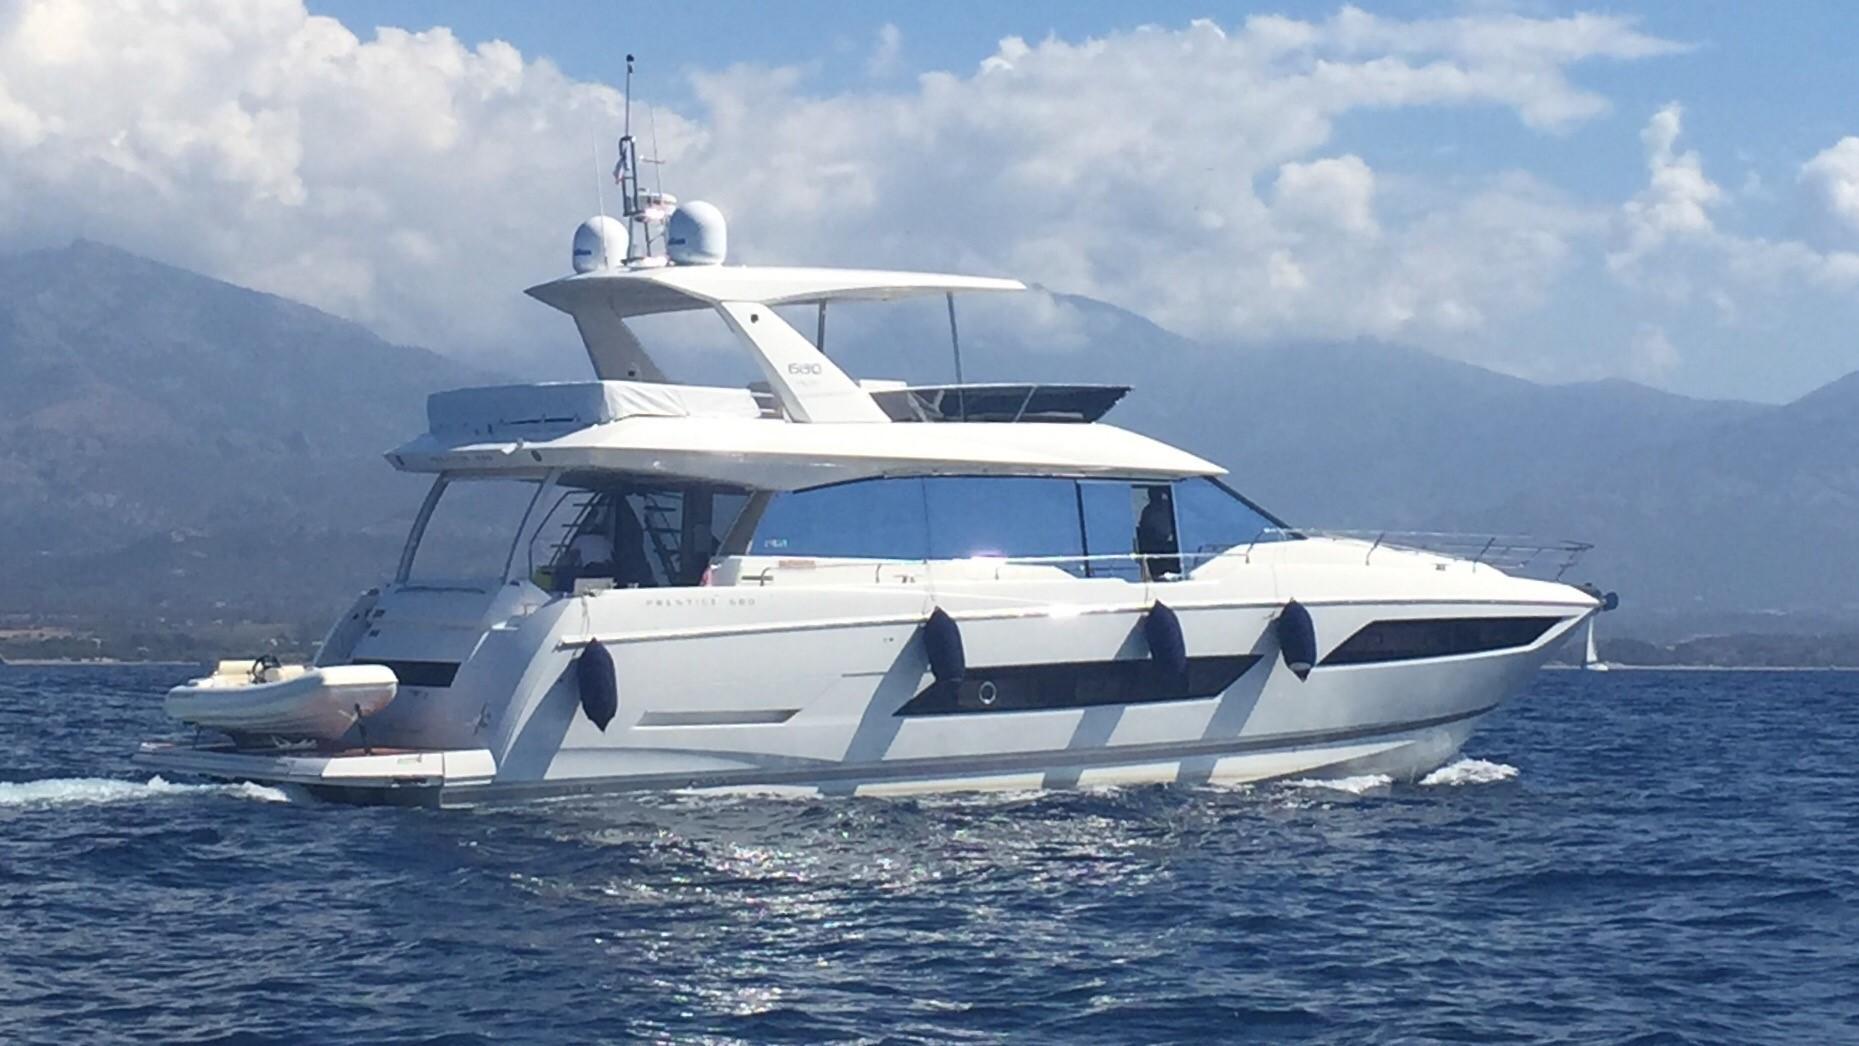 Used Jeanneau Sailboats & Yachts For Sale - Jeanneau MLS